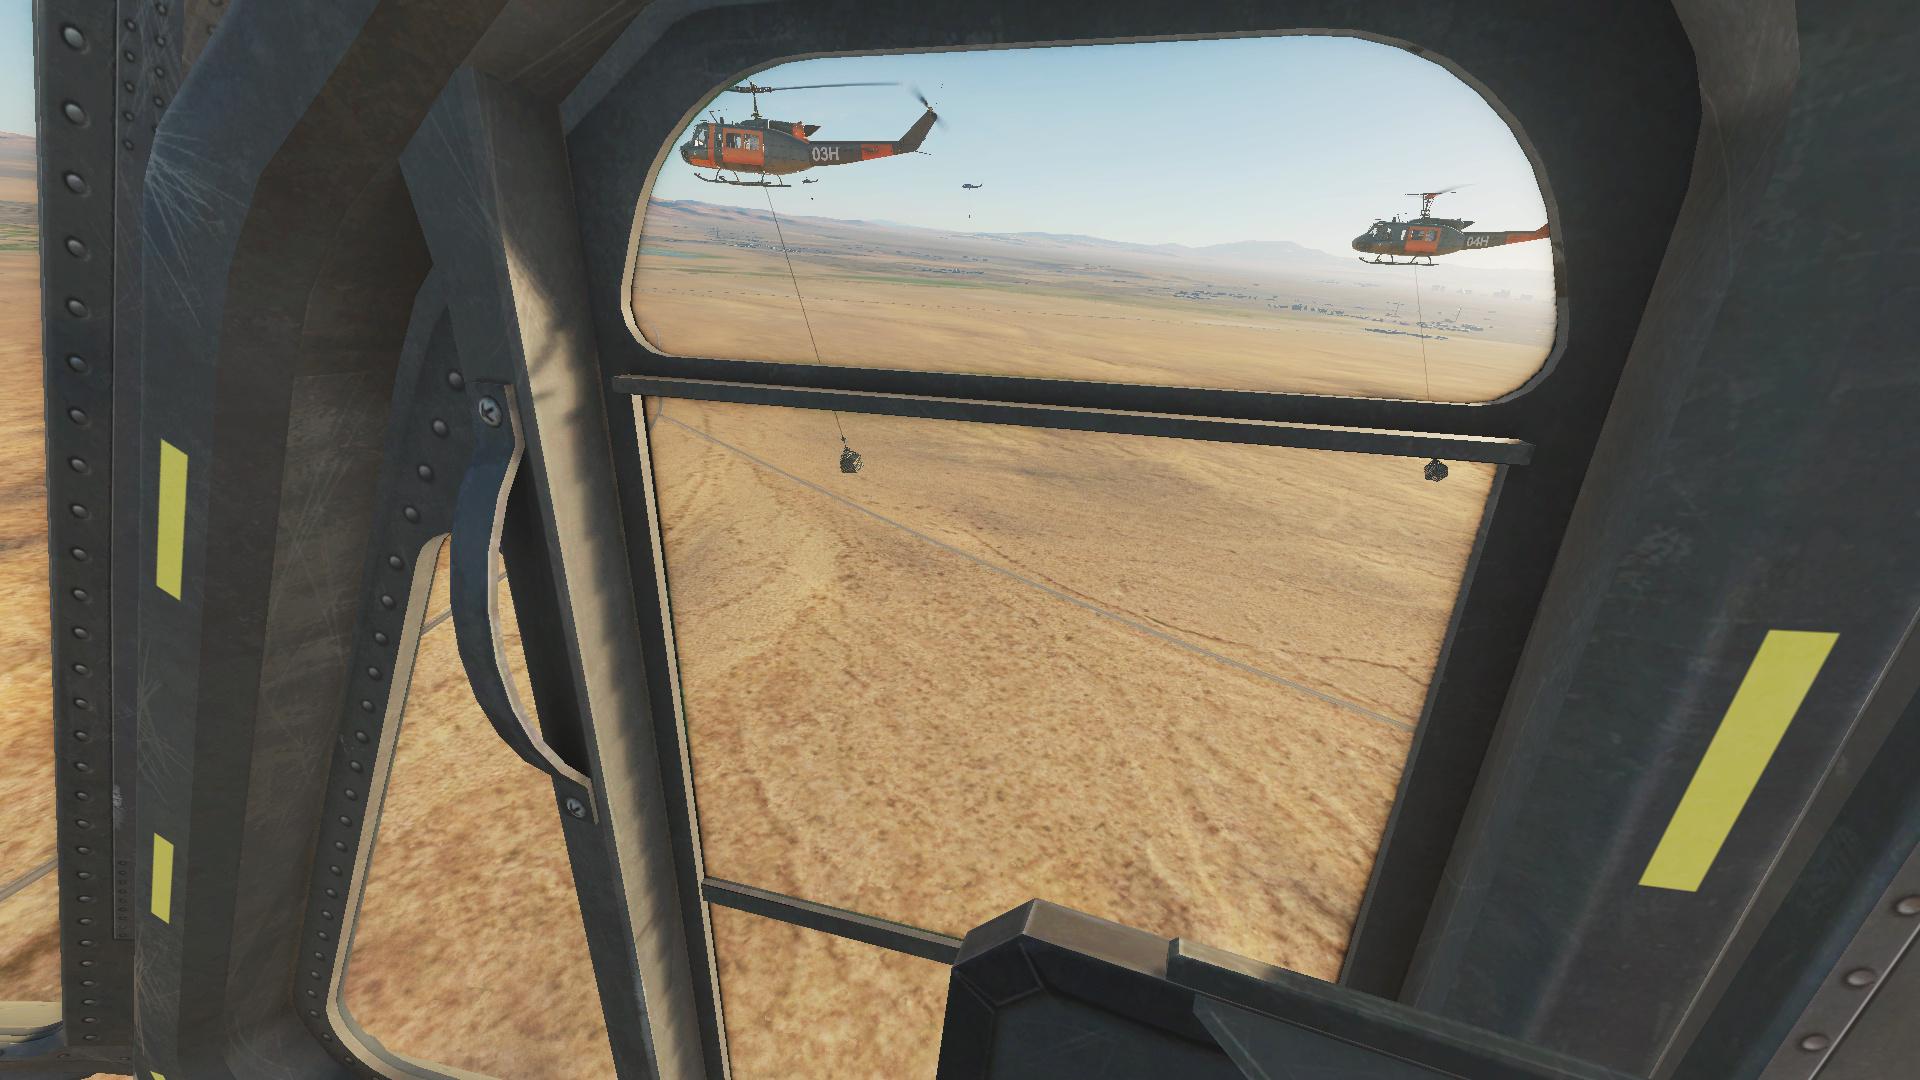 [Cursus UH-1H Huey] Photos de nos missions - Page 3 Screen55